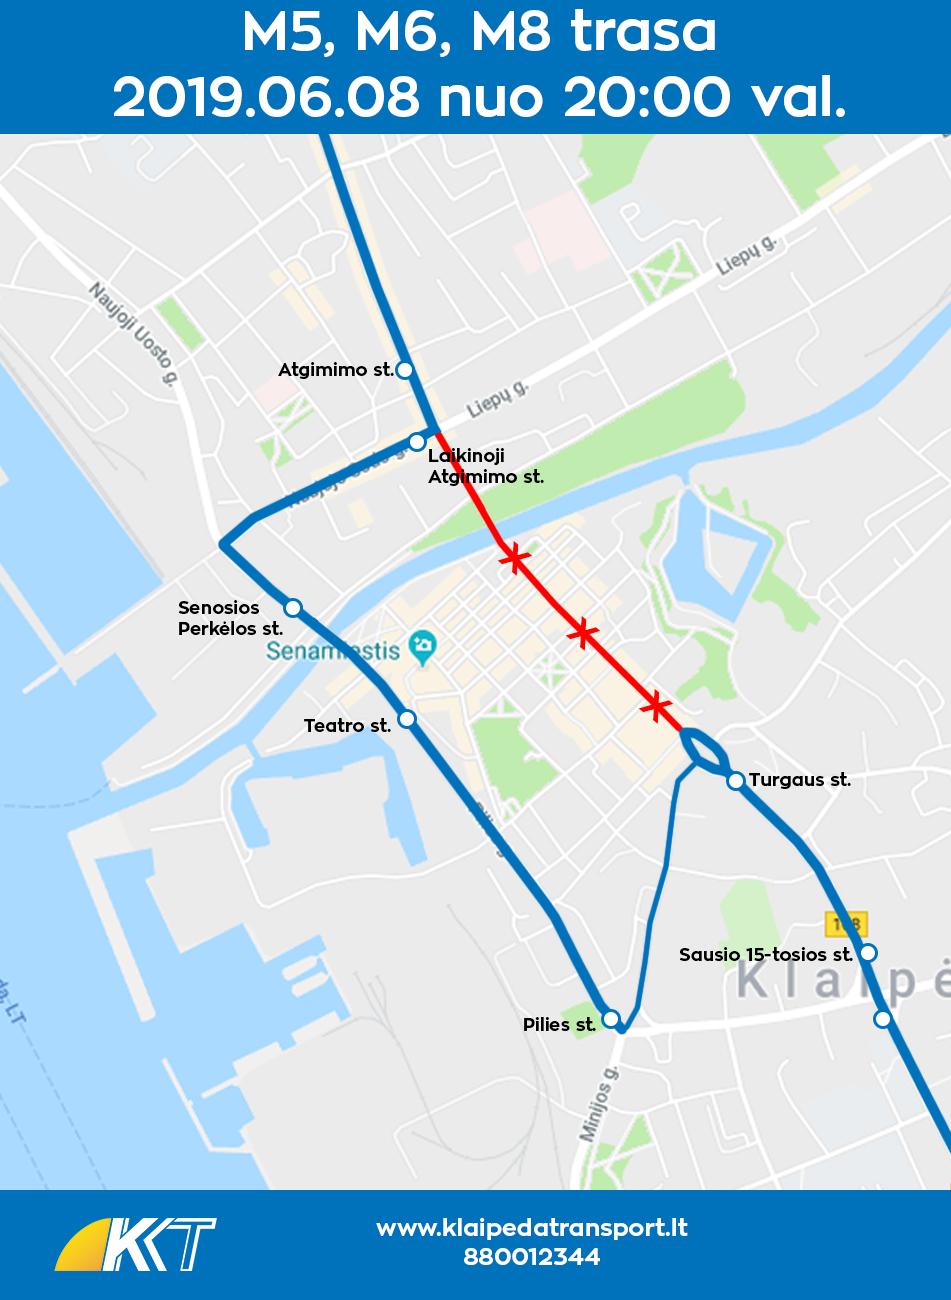 M5, M6, M8 maršrutų trasa džiazus 20190608